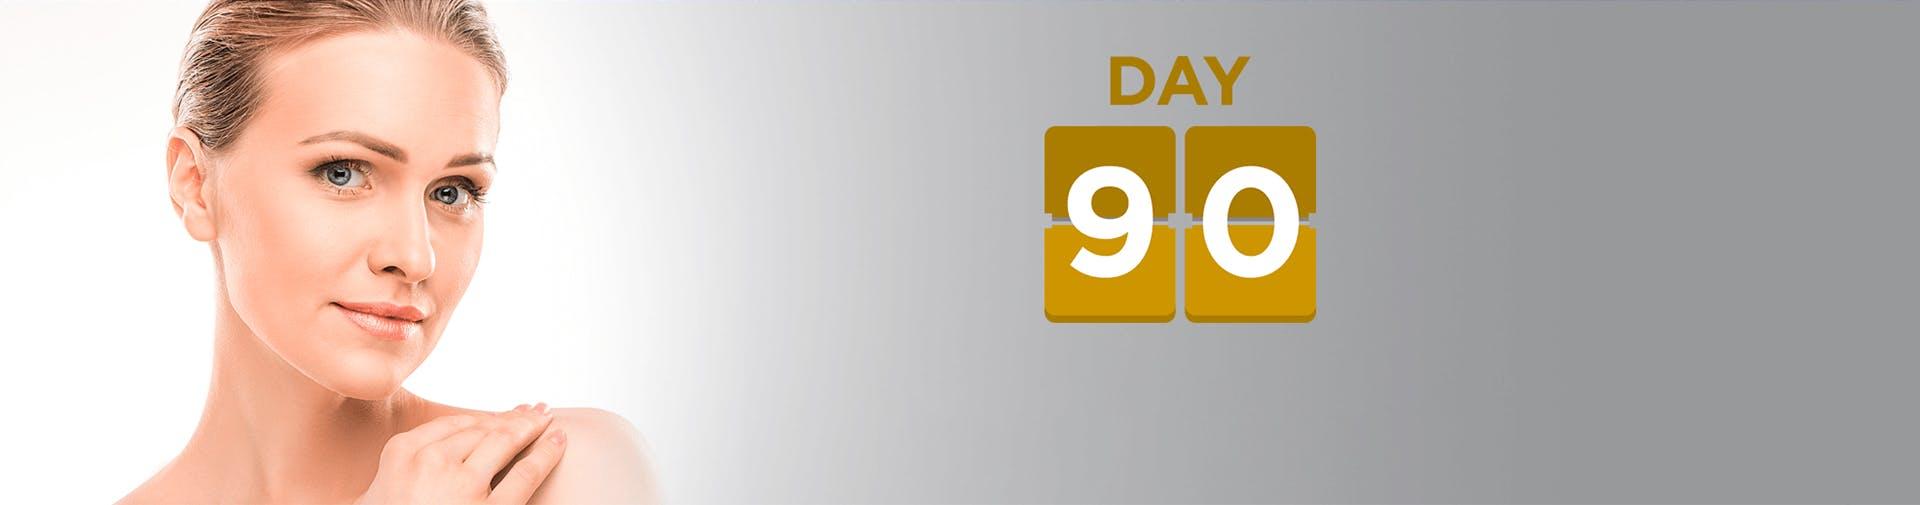 90 day challenge banner